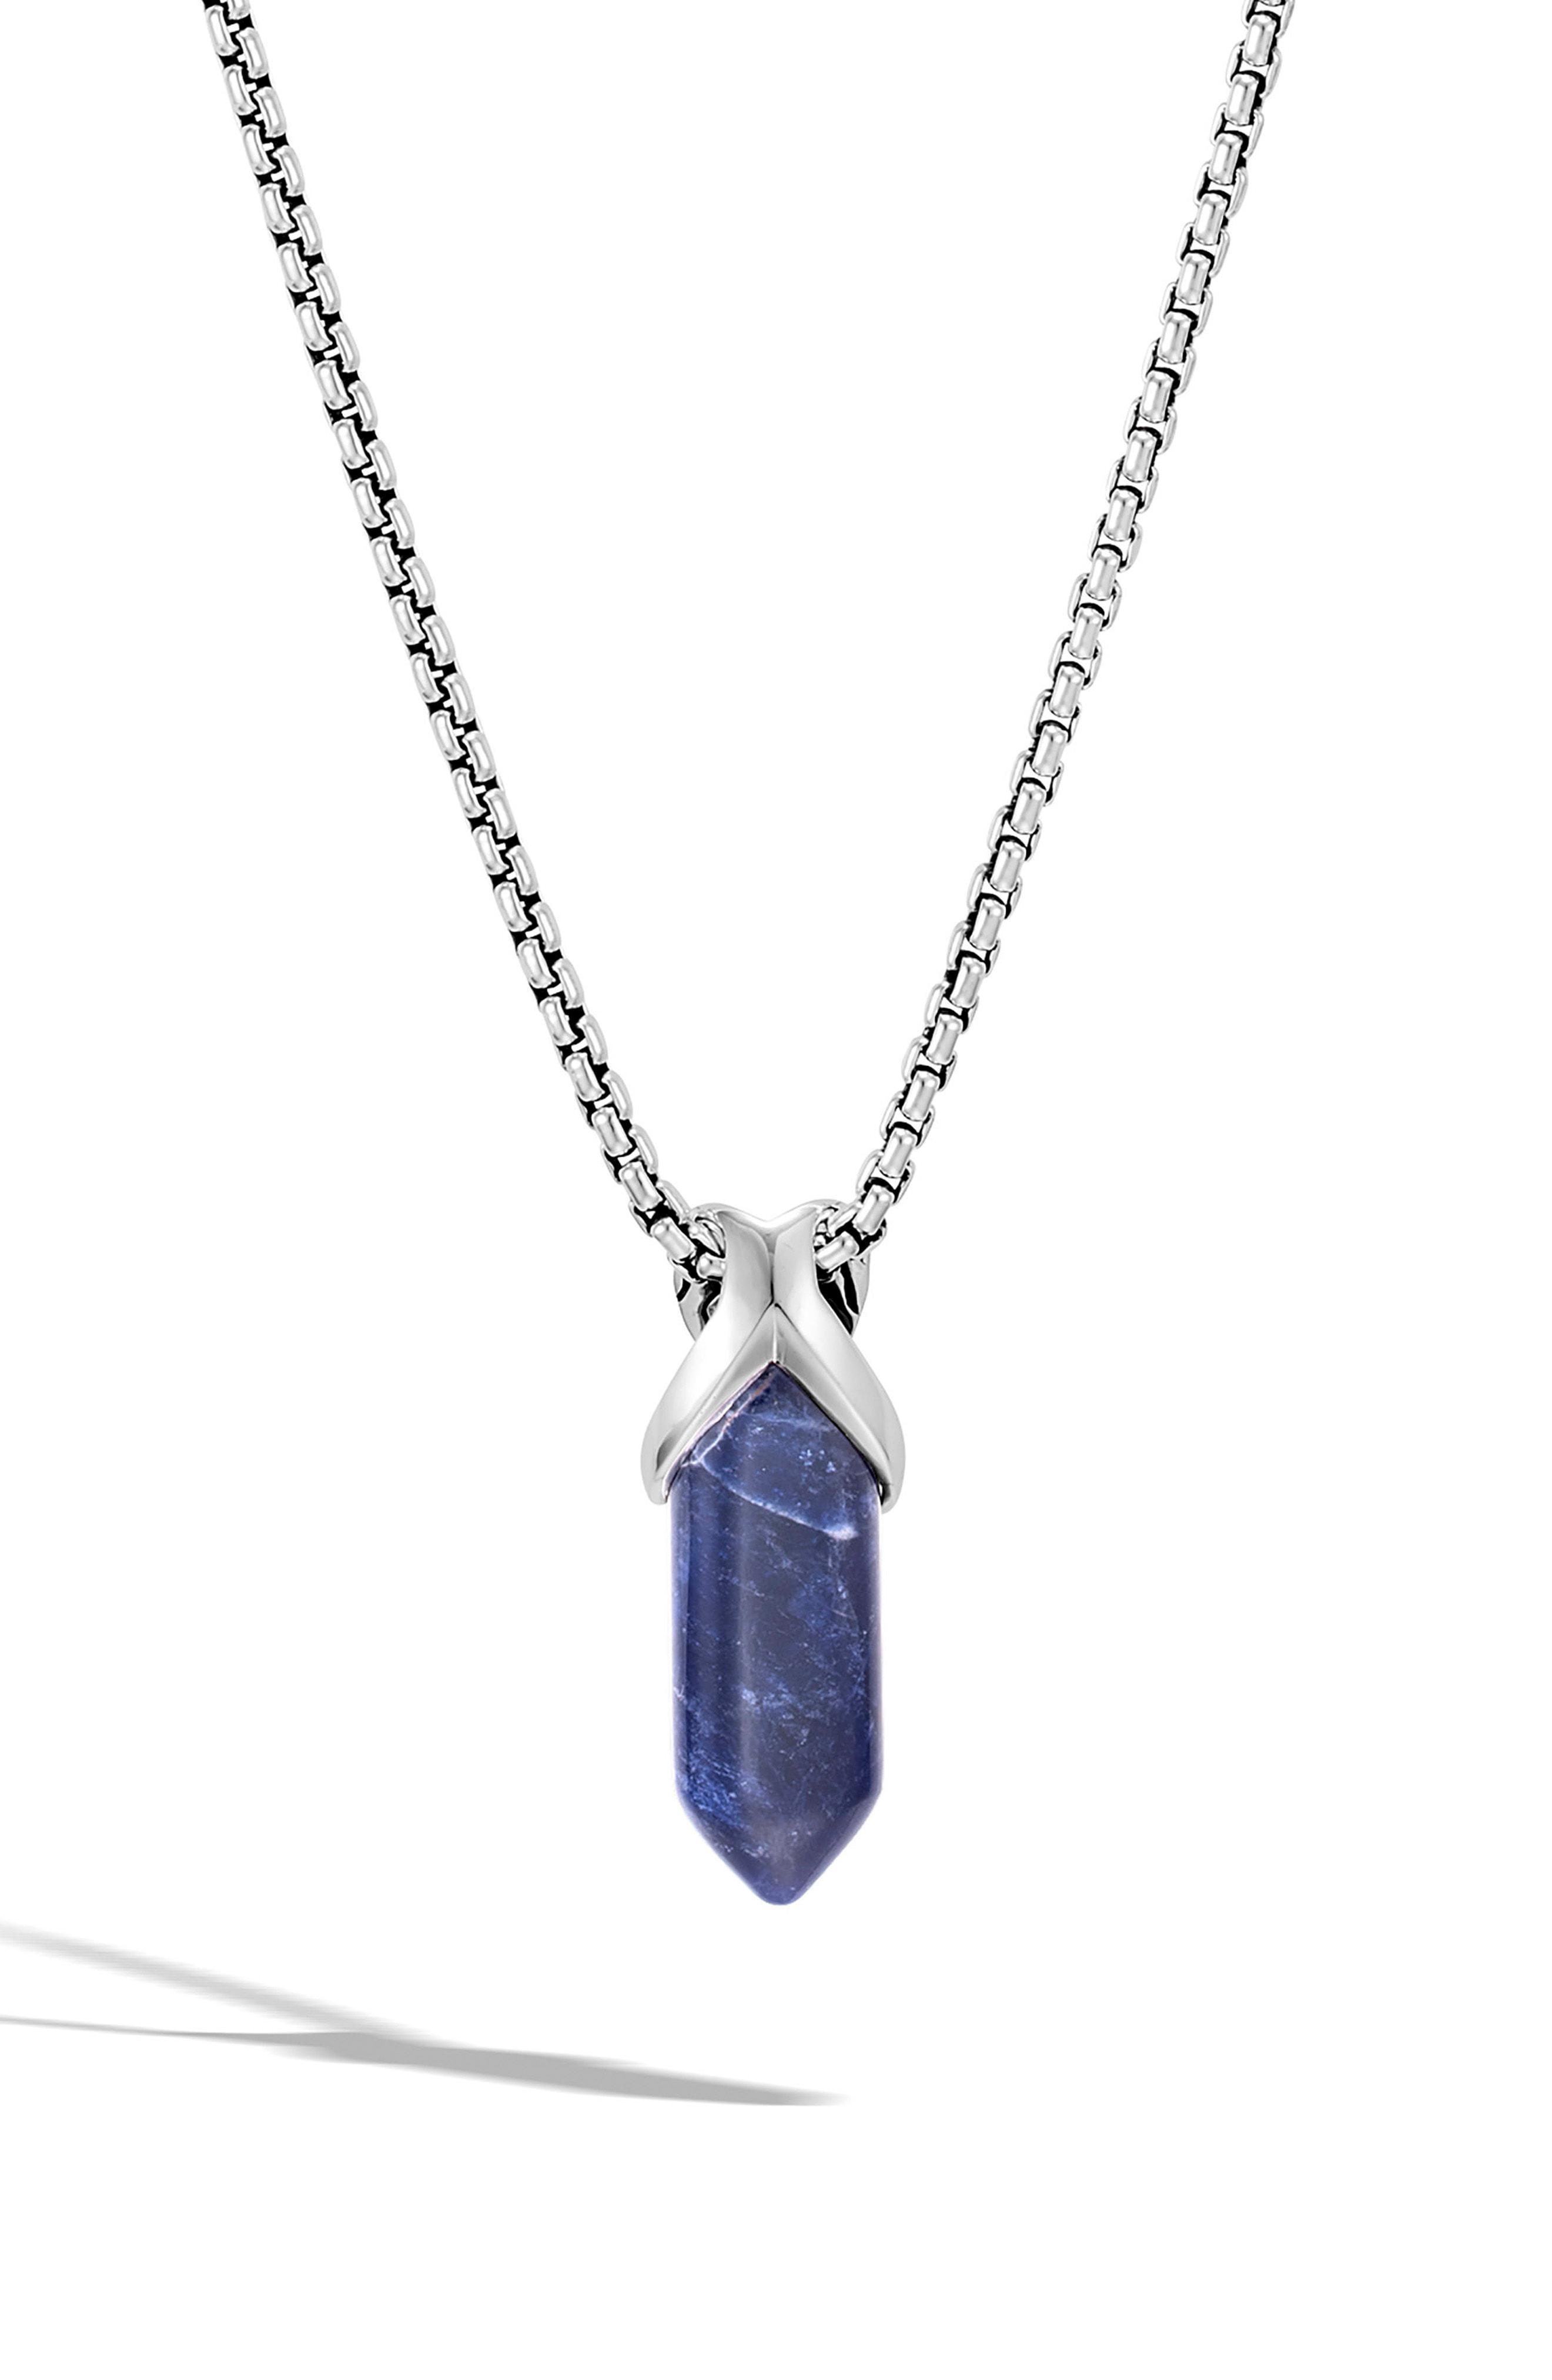 b4ea147d400b8b John Hardy. Metallic Men's Asli Classic Chain Reversible Pendant Necklace